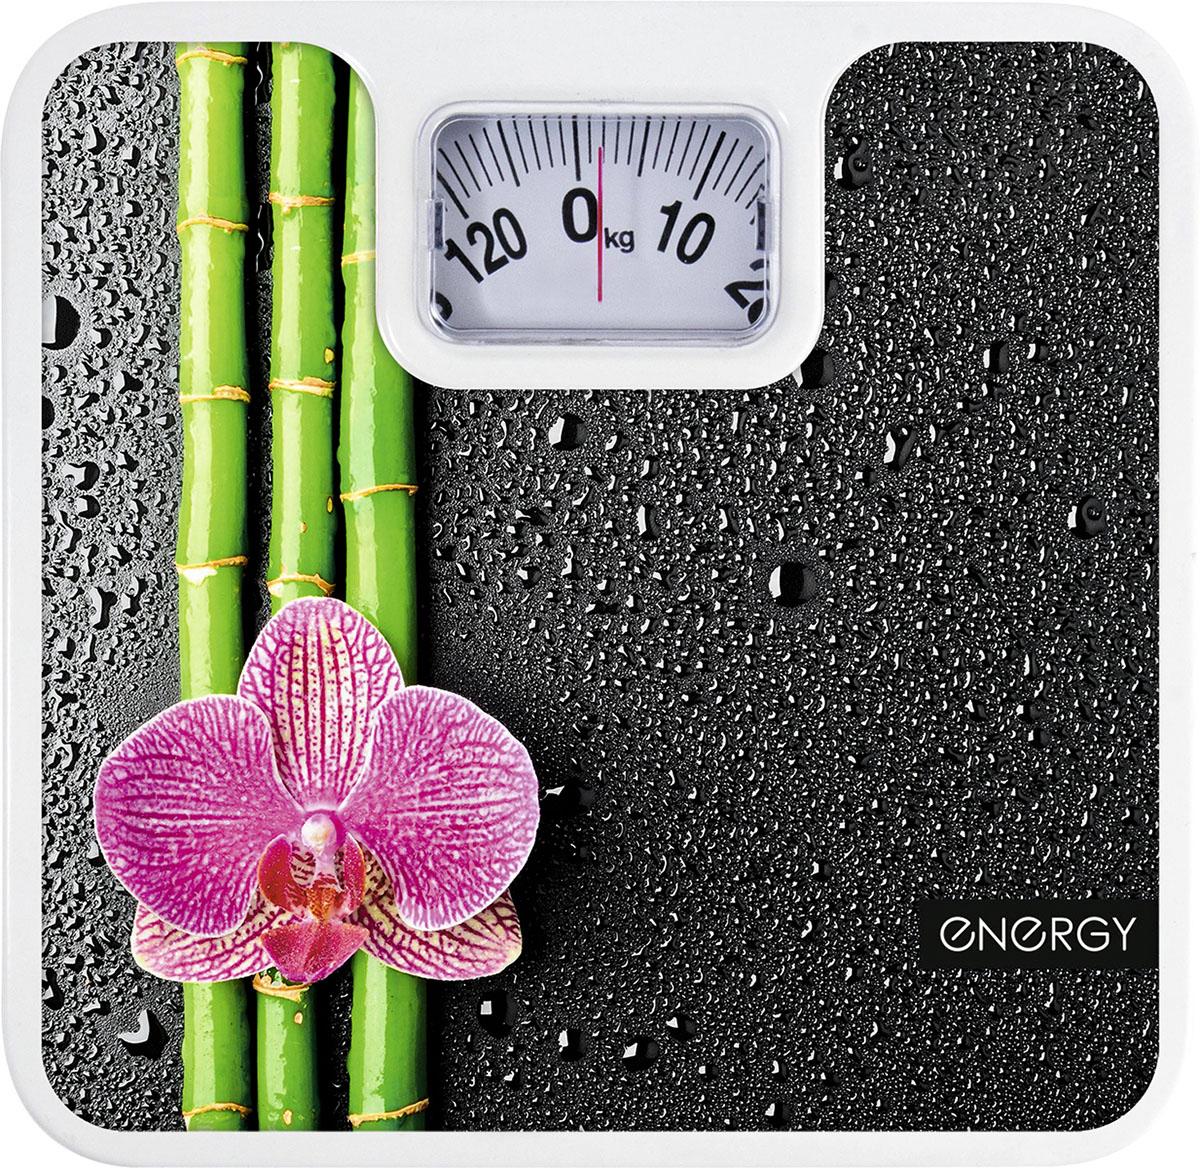 Energy ENМ-409D напольные весы energy весы напольные электронные en 419d energy